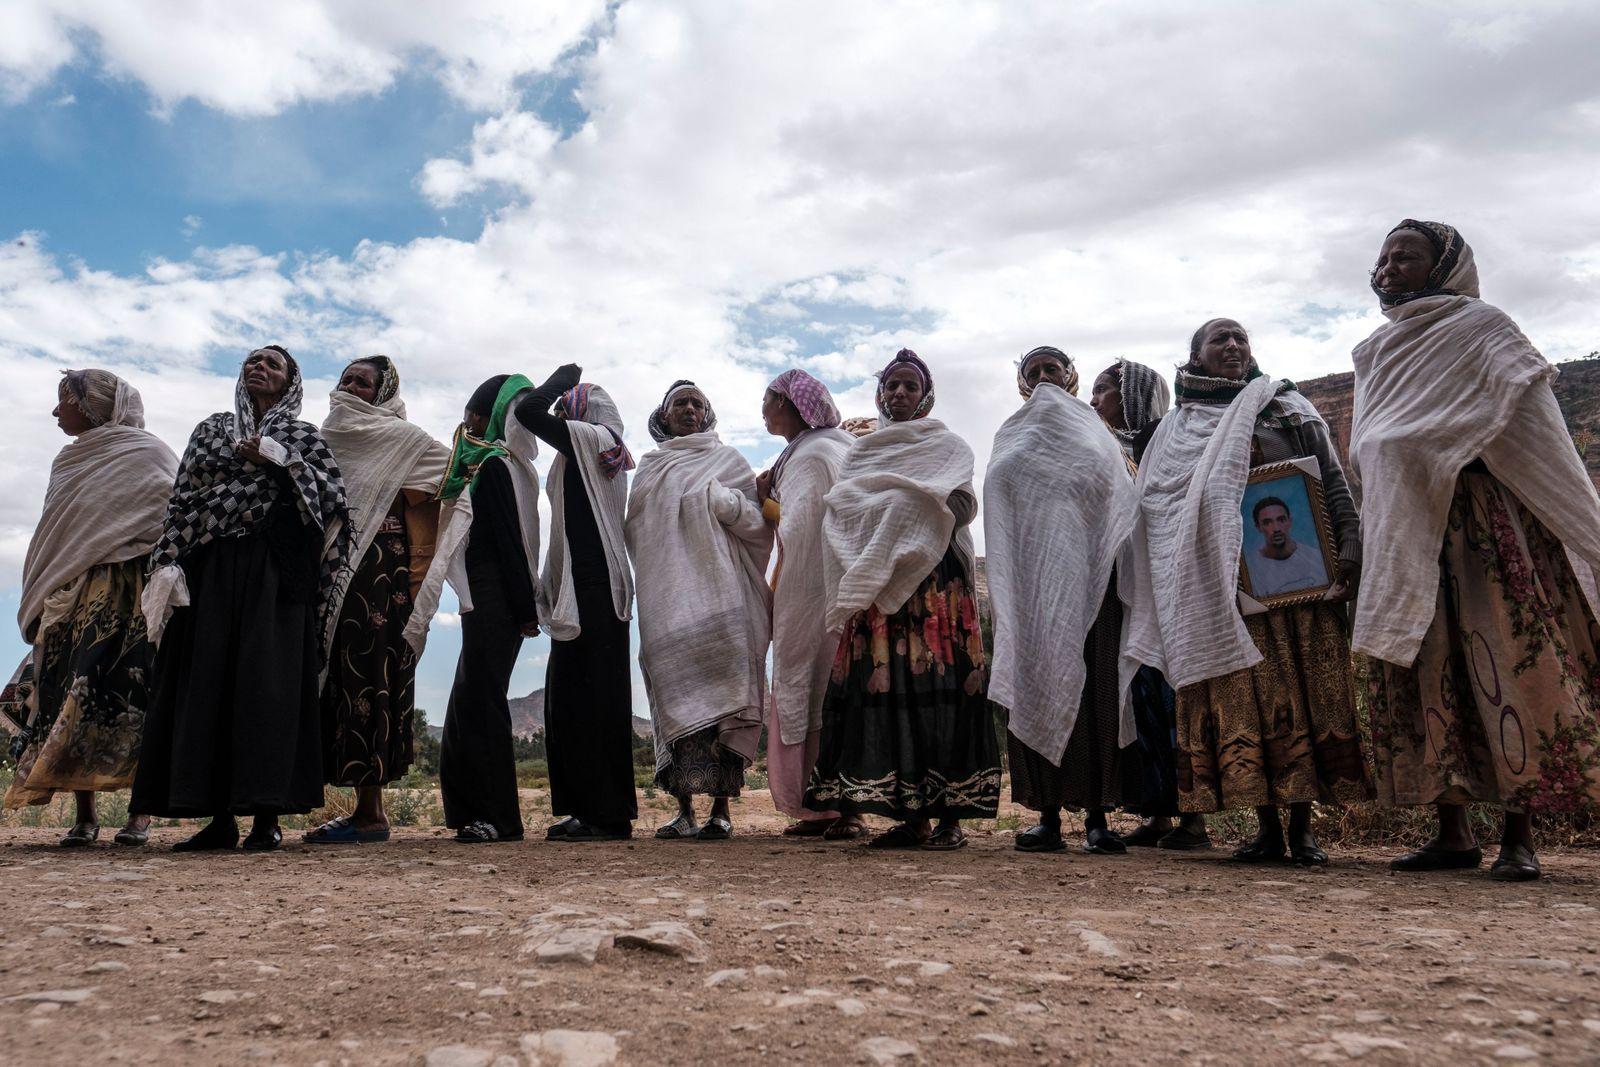 ETHIOPIA-POLITICS-UNREST-TIGRAY